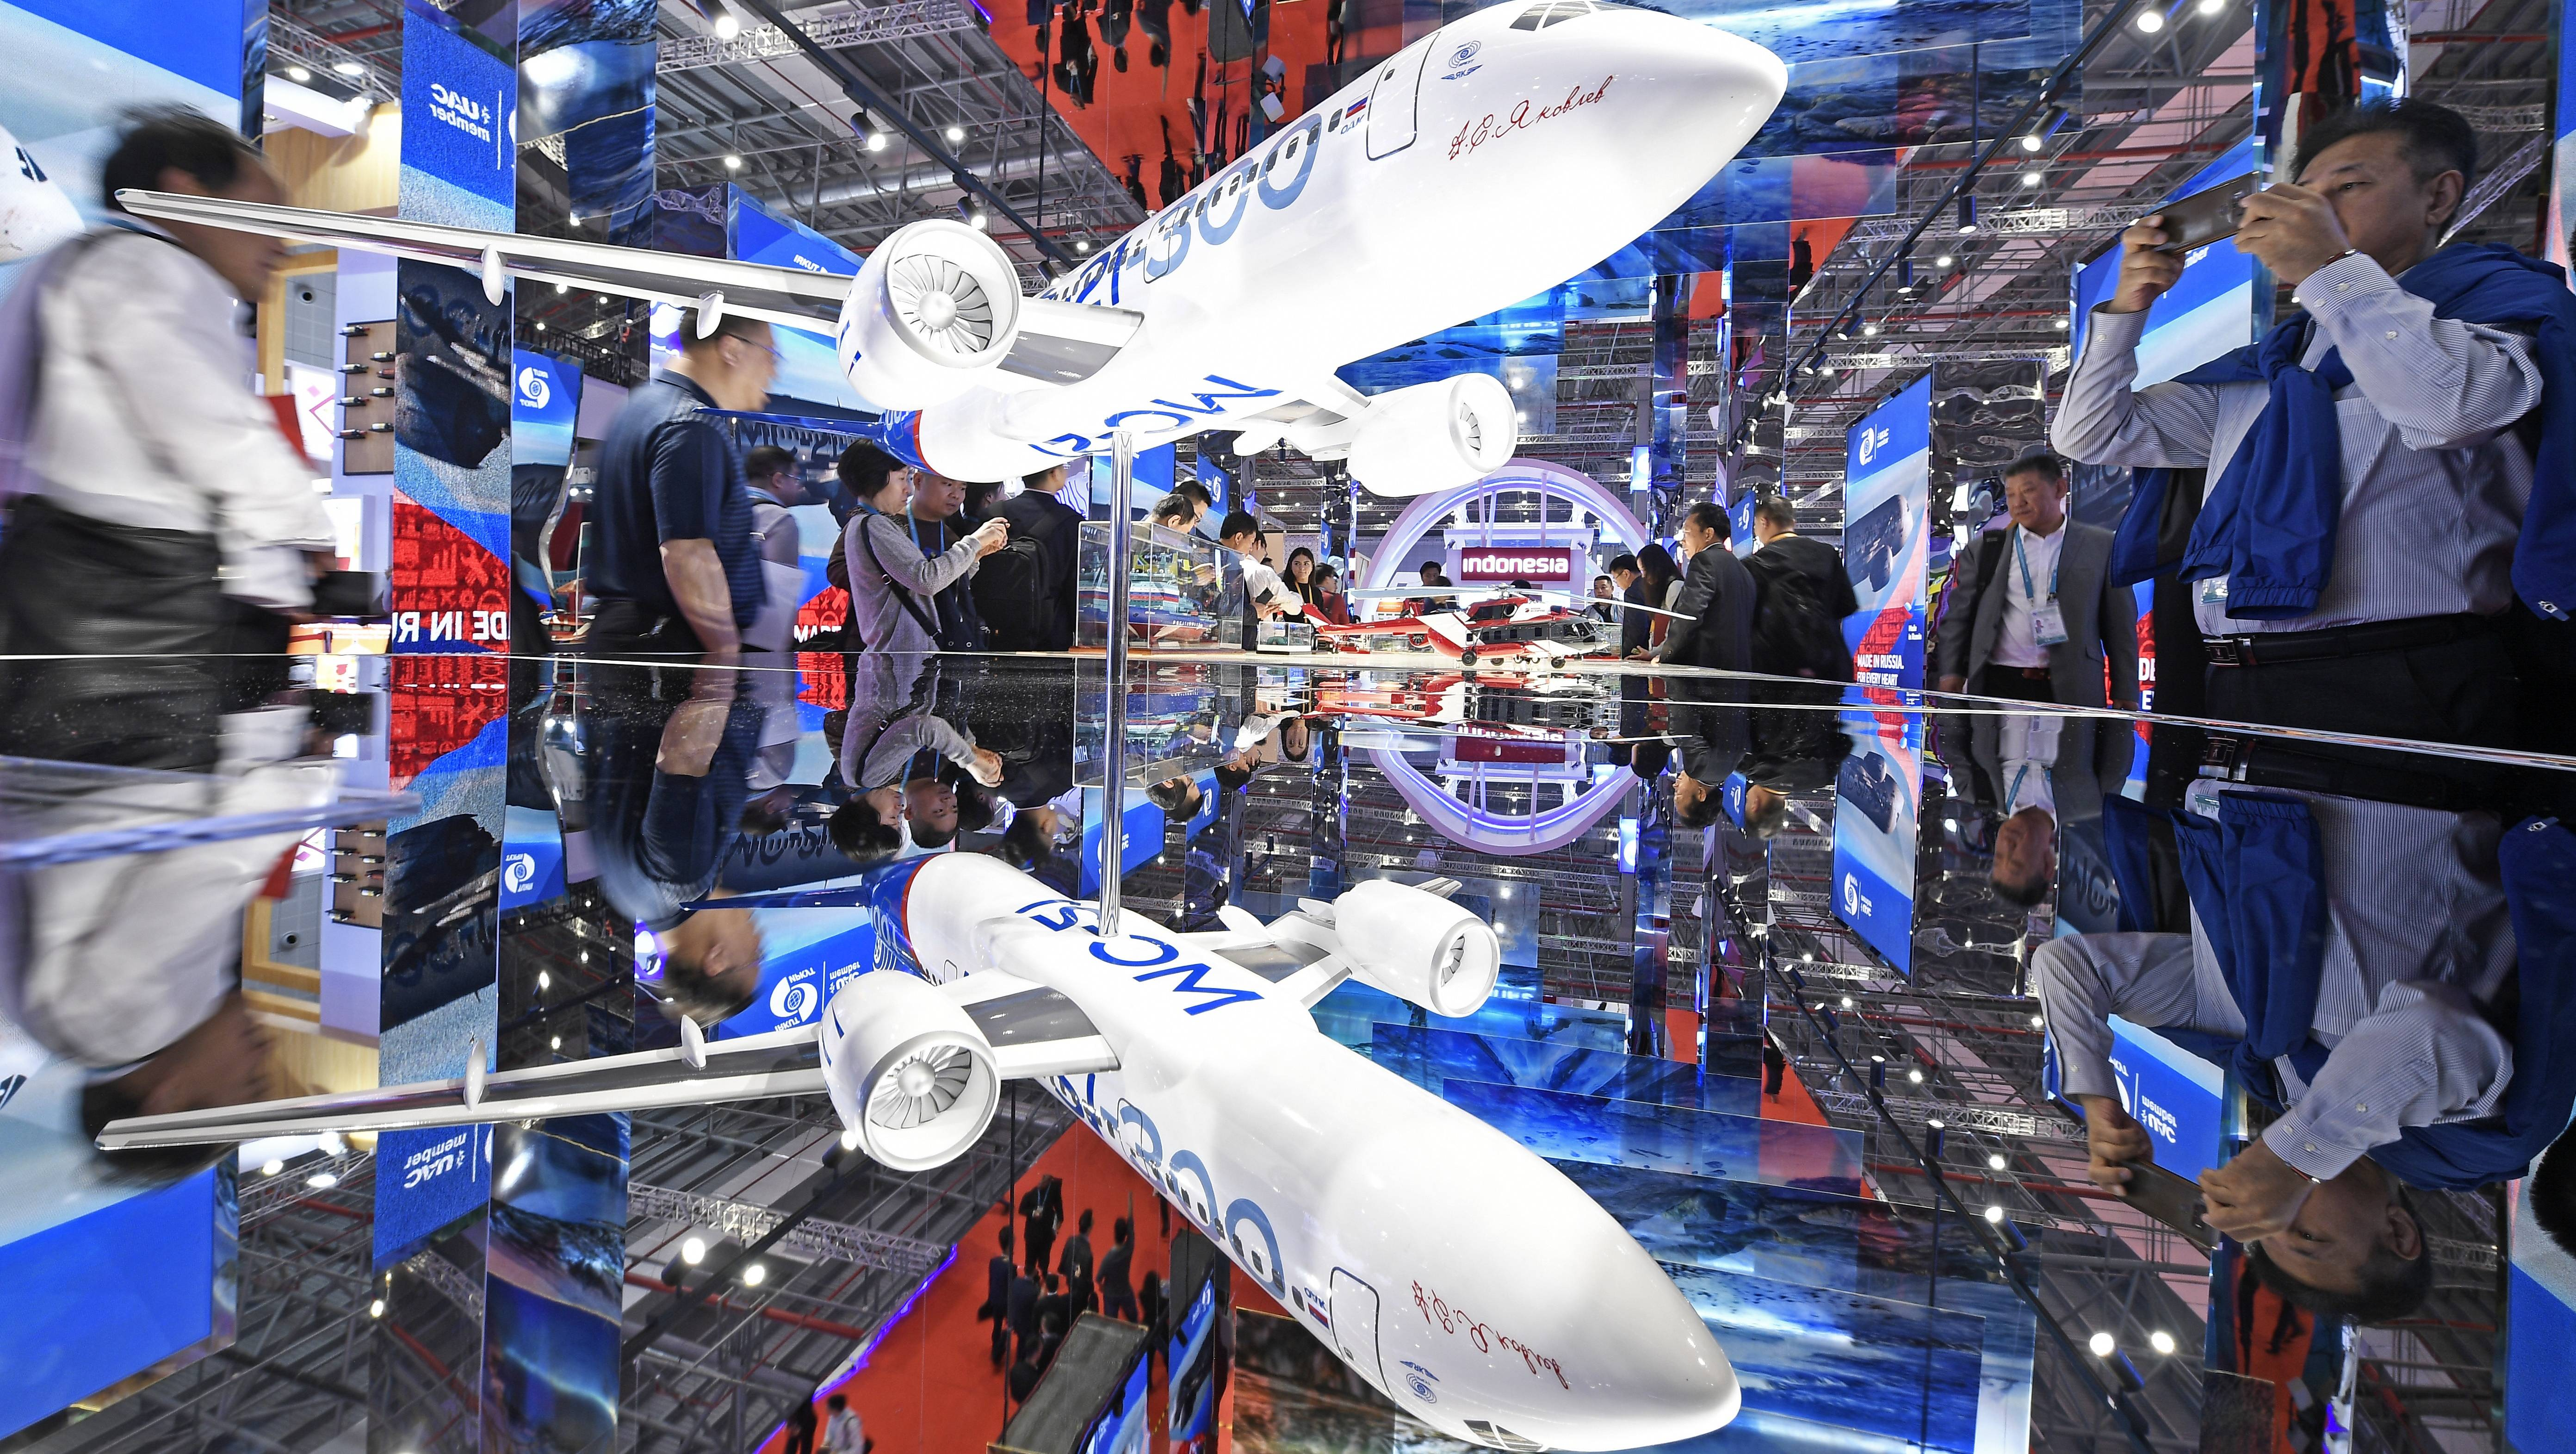 第二屆中國國際進口博覽會精彩照片